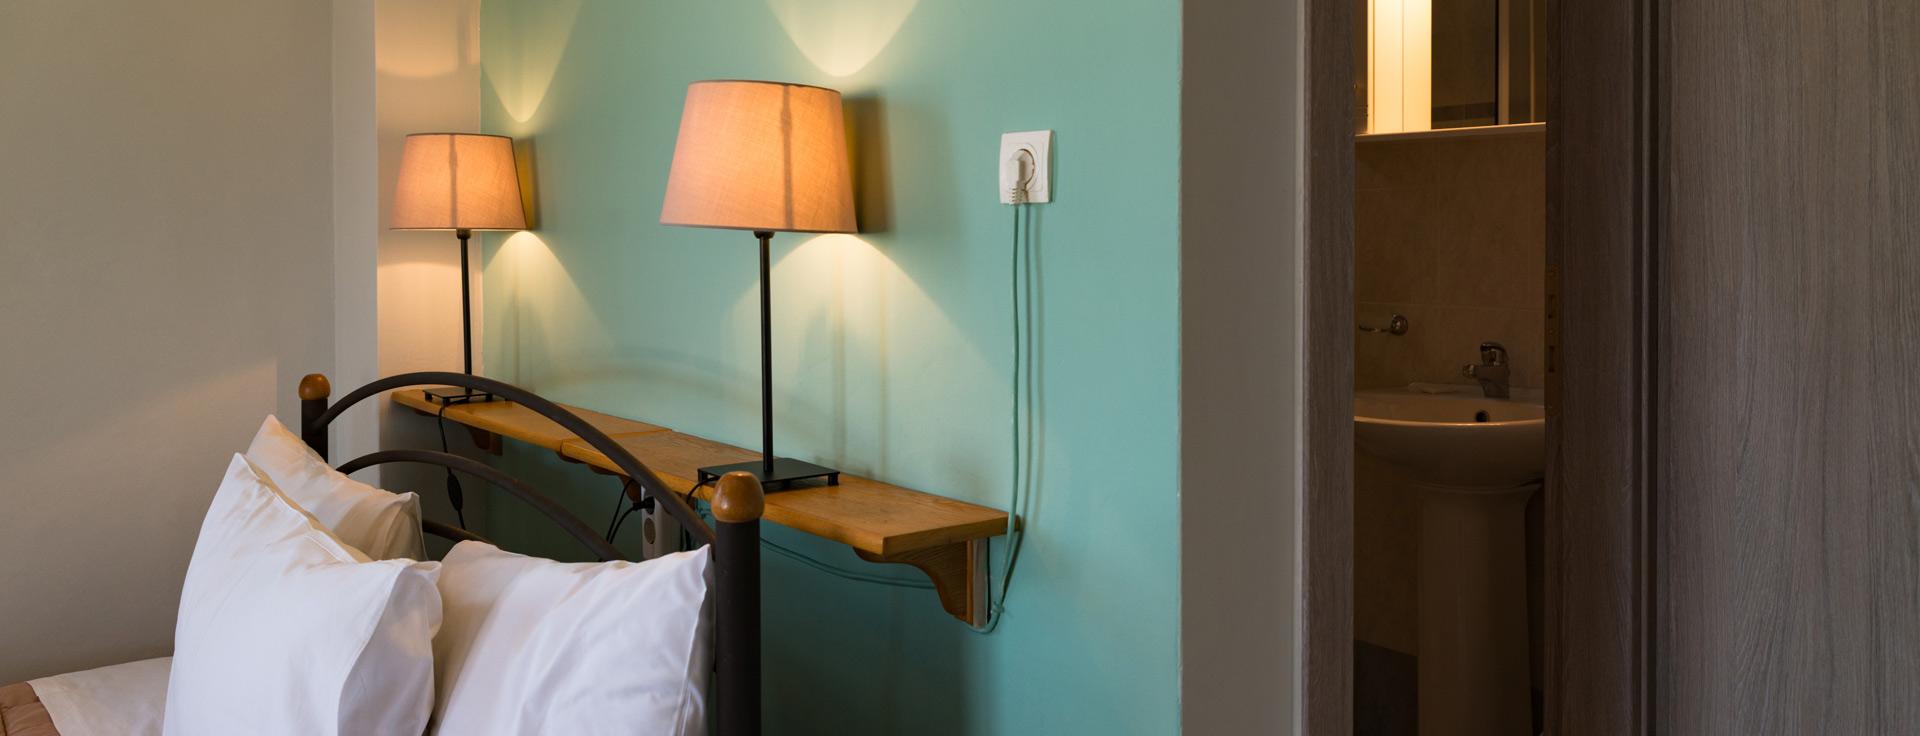 Δωμάτιο με διπλό κρεβάτι στο Lemonia Accommodations.